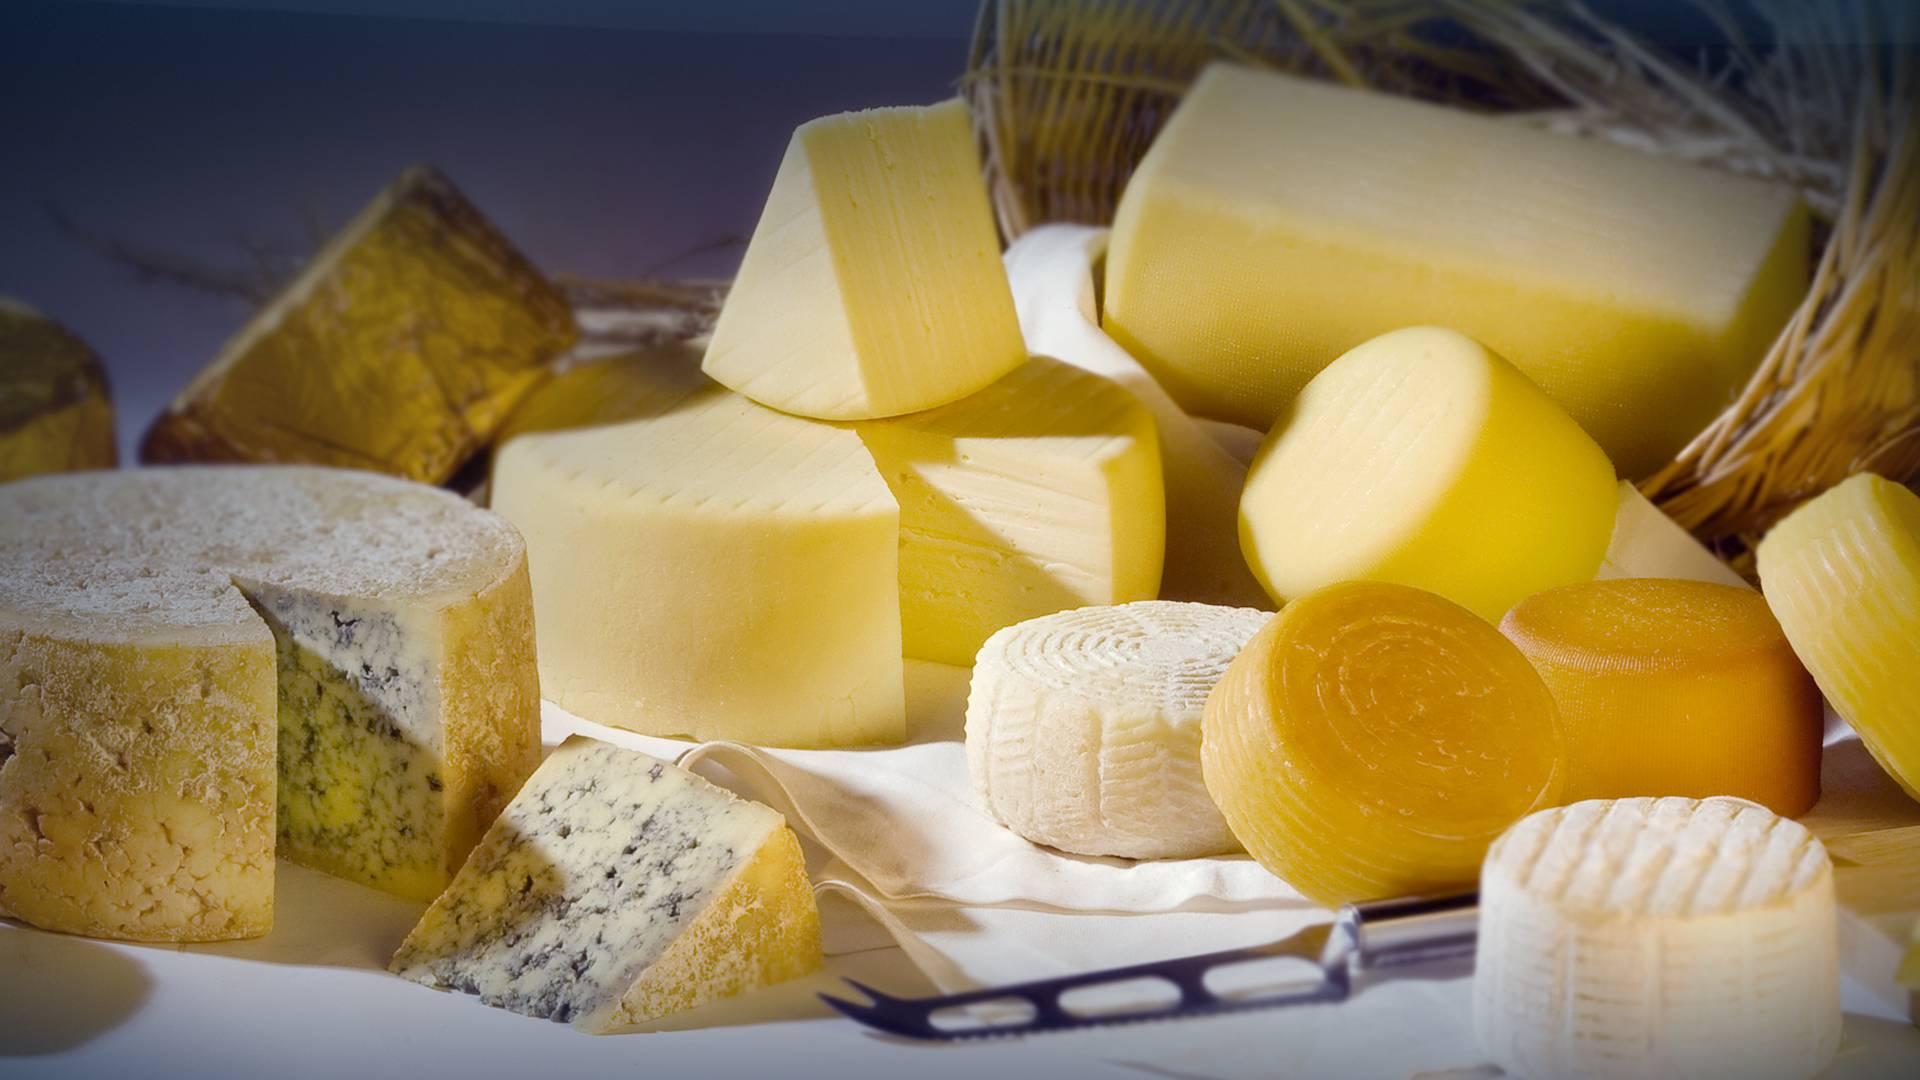 الجبن المسموحة والممنوعة للحامل